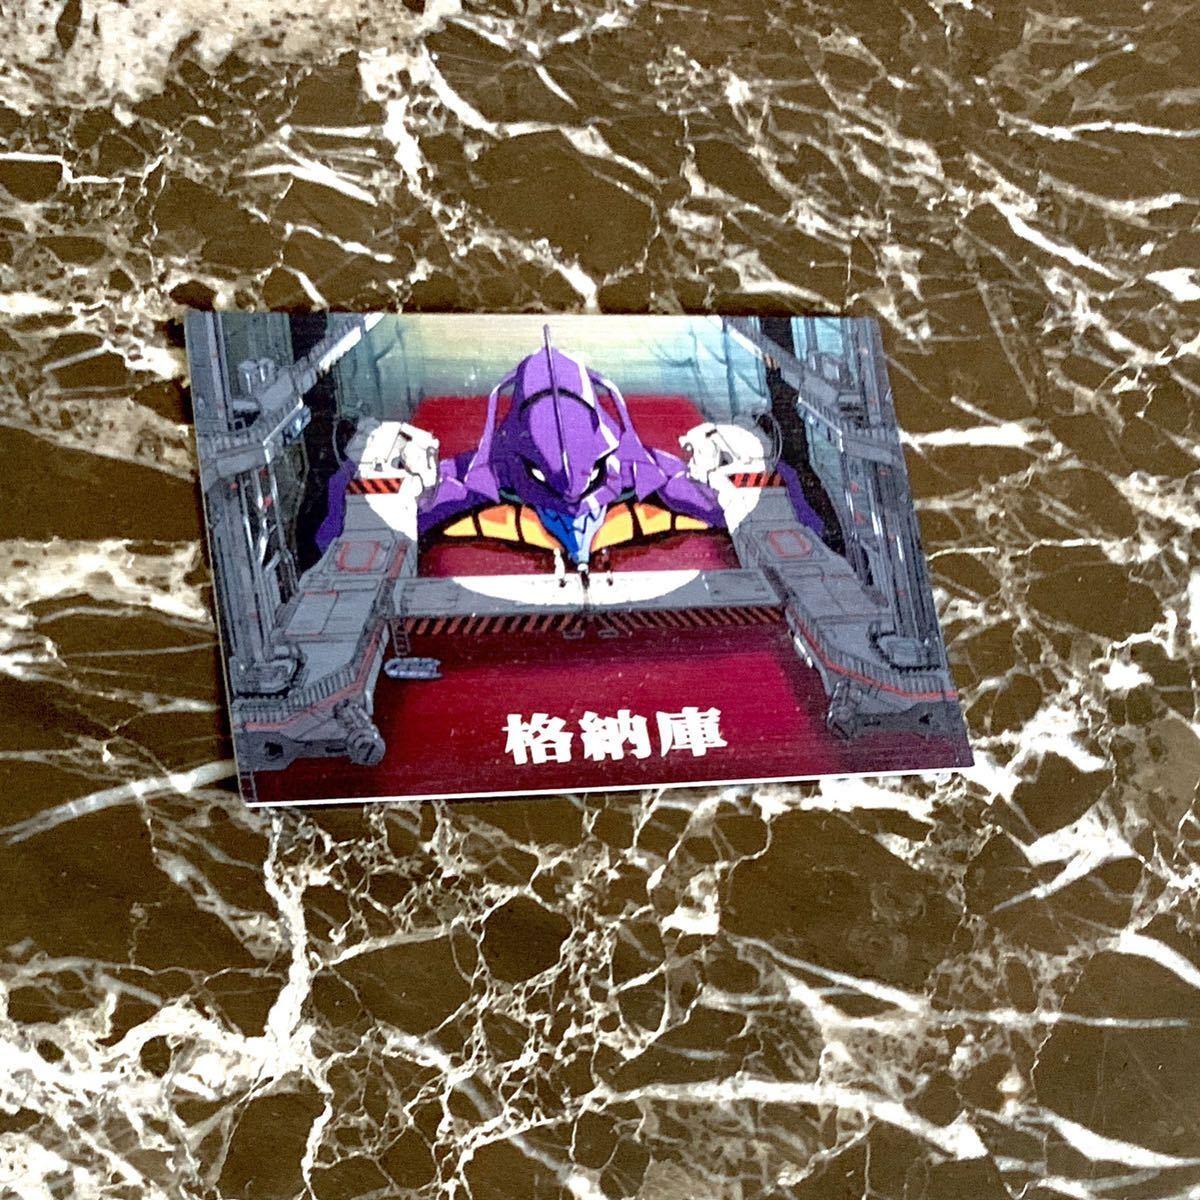 ★【送料無料】★【CRエヴァンゲリオンのトレーディングカード】★【EVANGELION 初号機: 『エヴァンゲリオン初号機:格納庫』 】プレミア_画像4